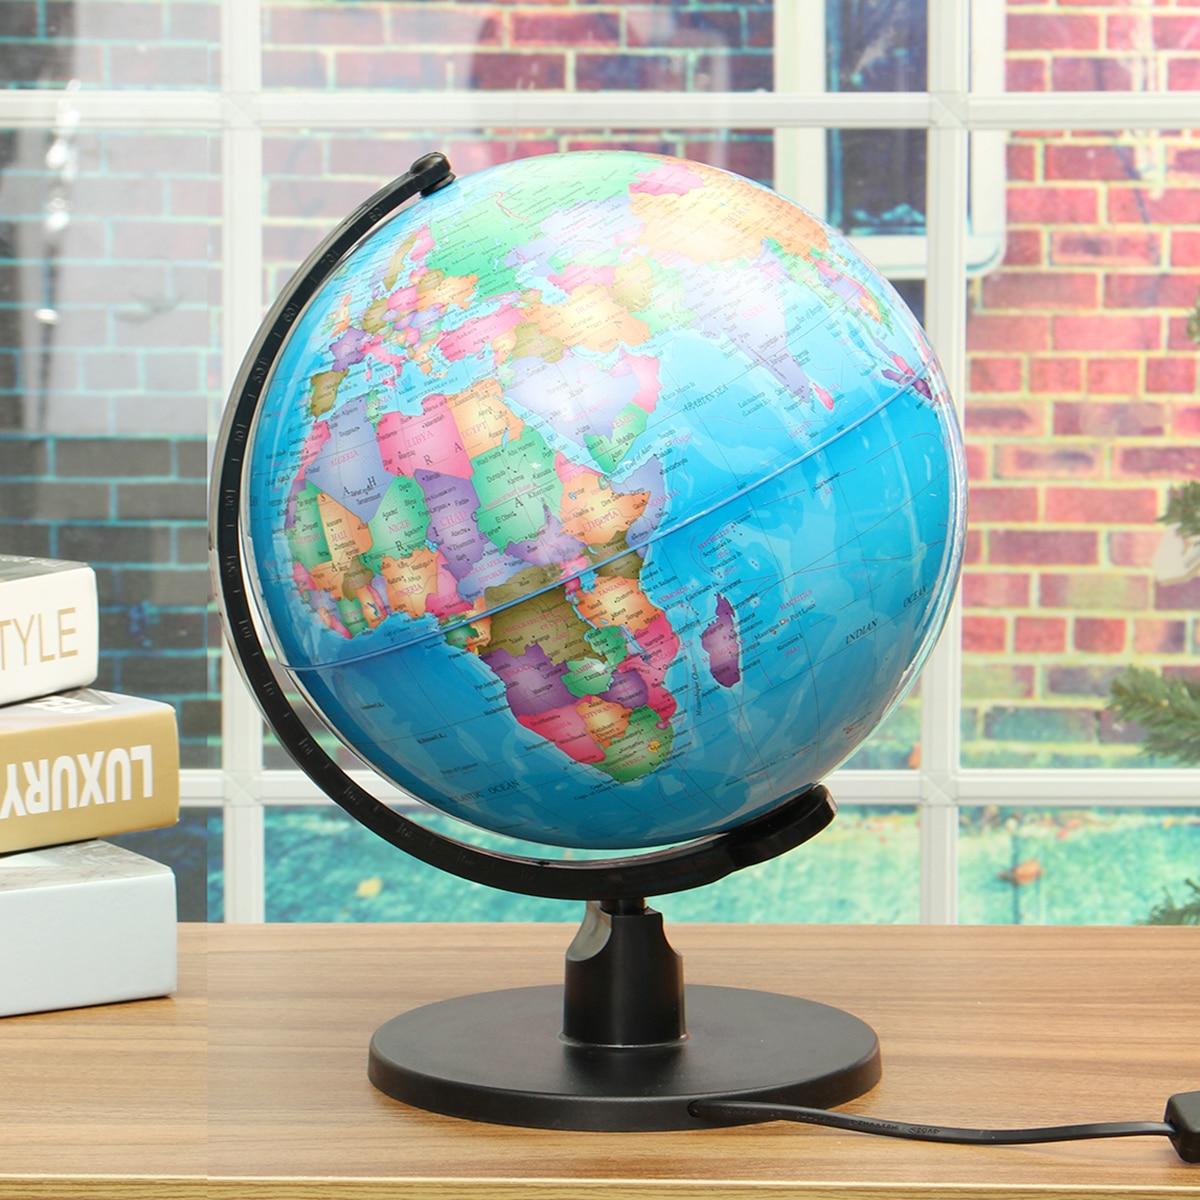 DIODO EMISSOR de luz Globo Do Mundo Mapa Geografia Miniaturas Brinquedo Educativo Com Suporte Home Office Ideal Presente escritório gadgets